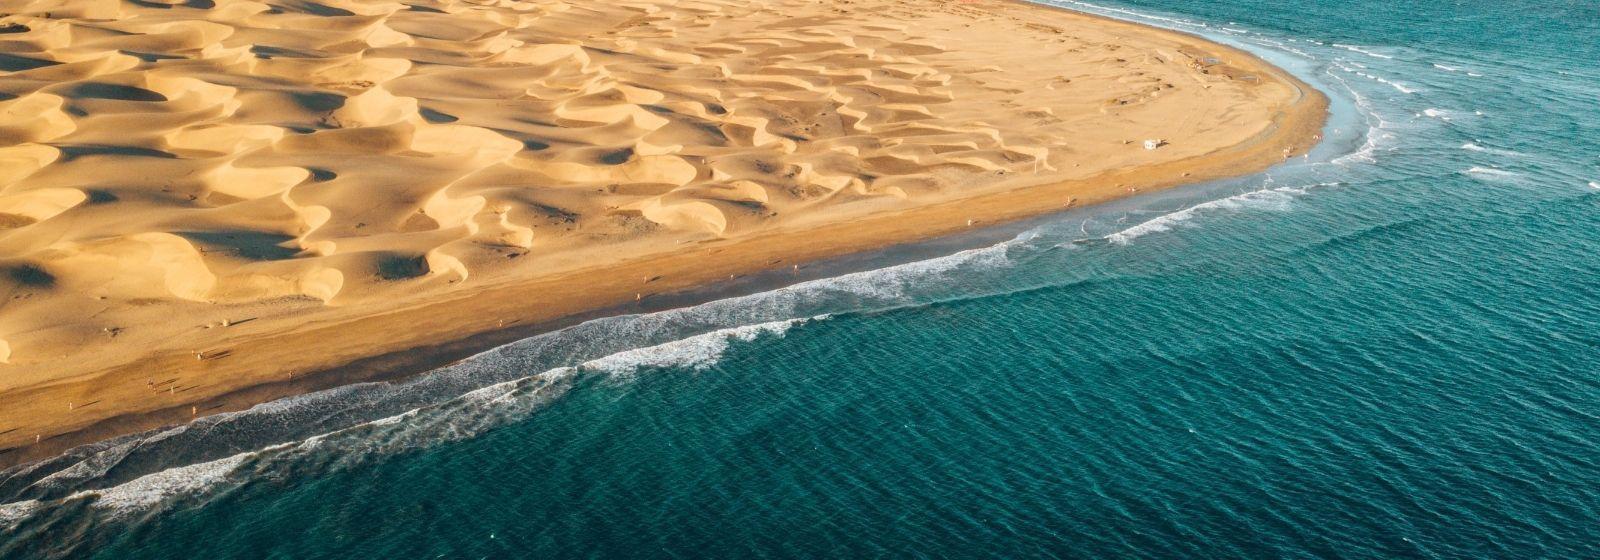 Aktivitäten in Gran Canaria